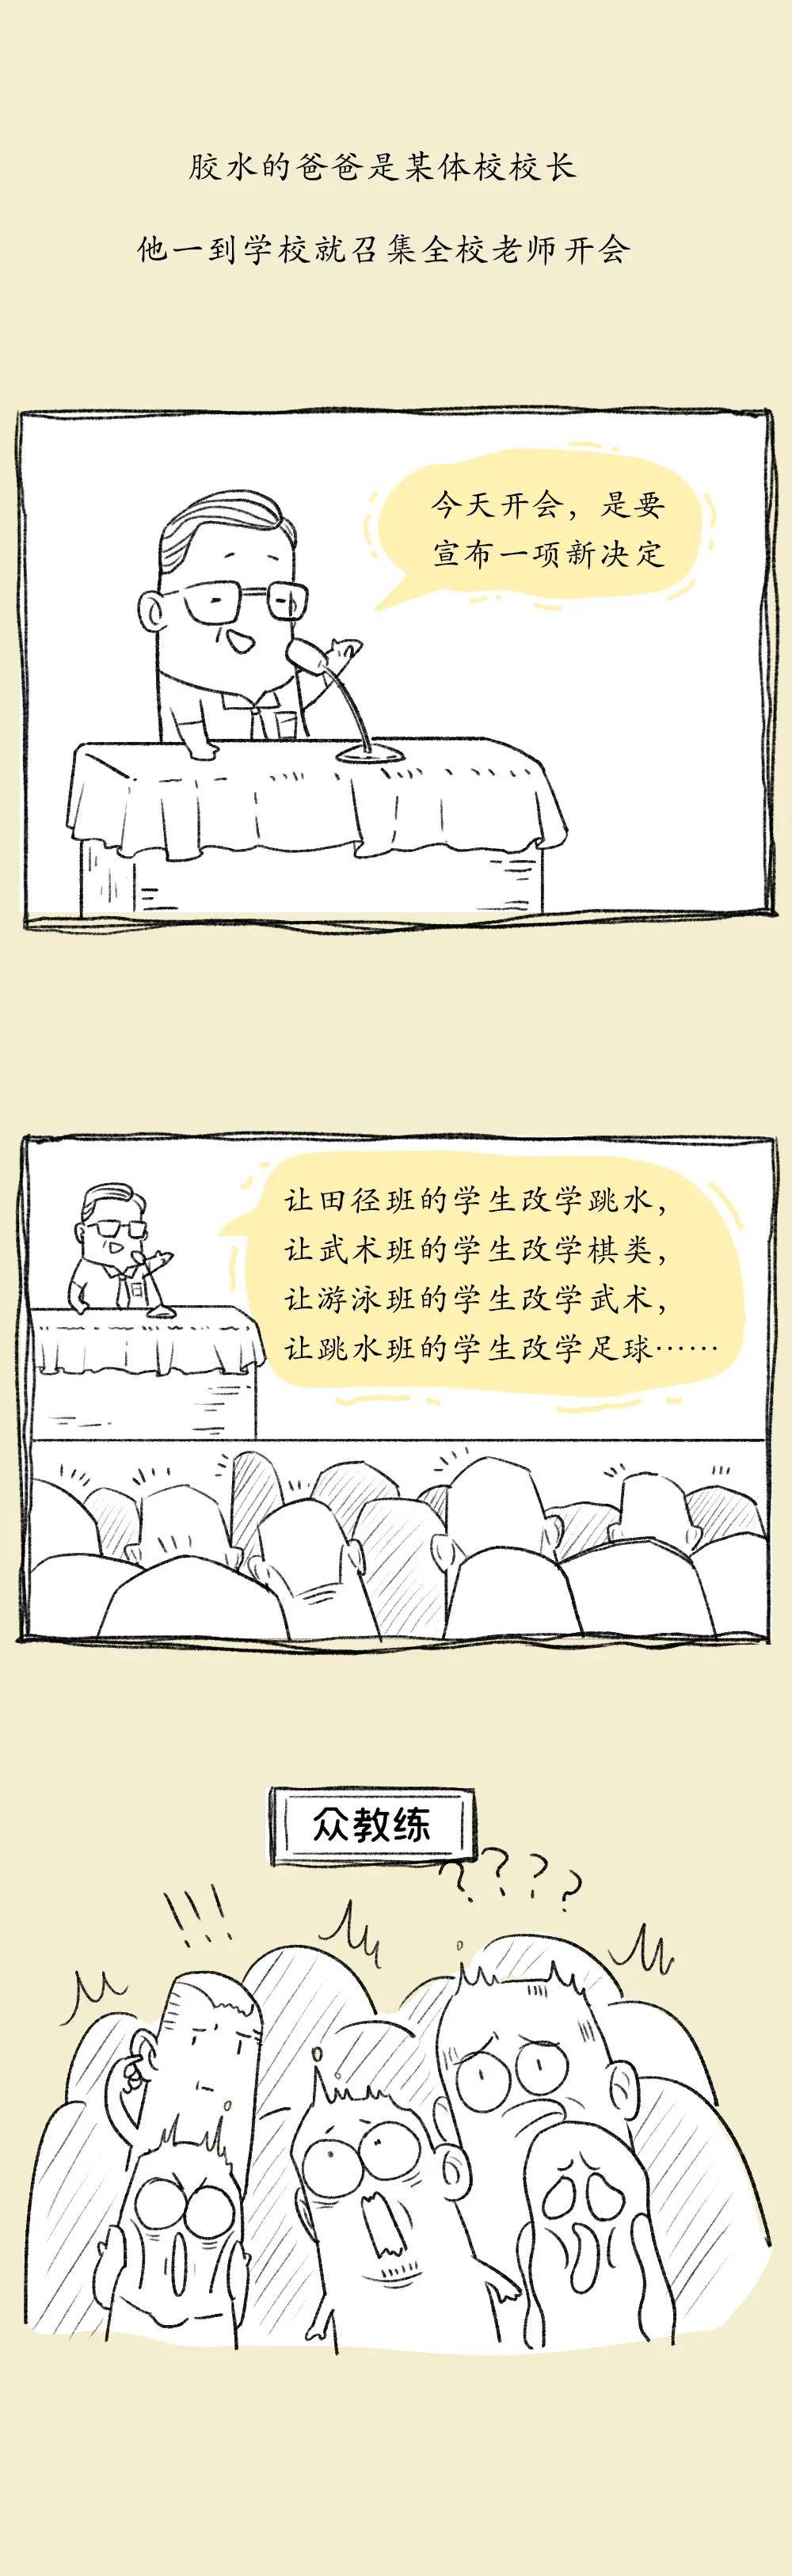 舒克贝塔全传·第120章(节选)图片